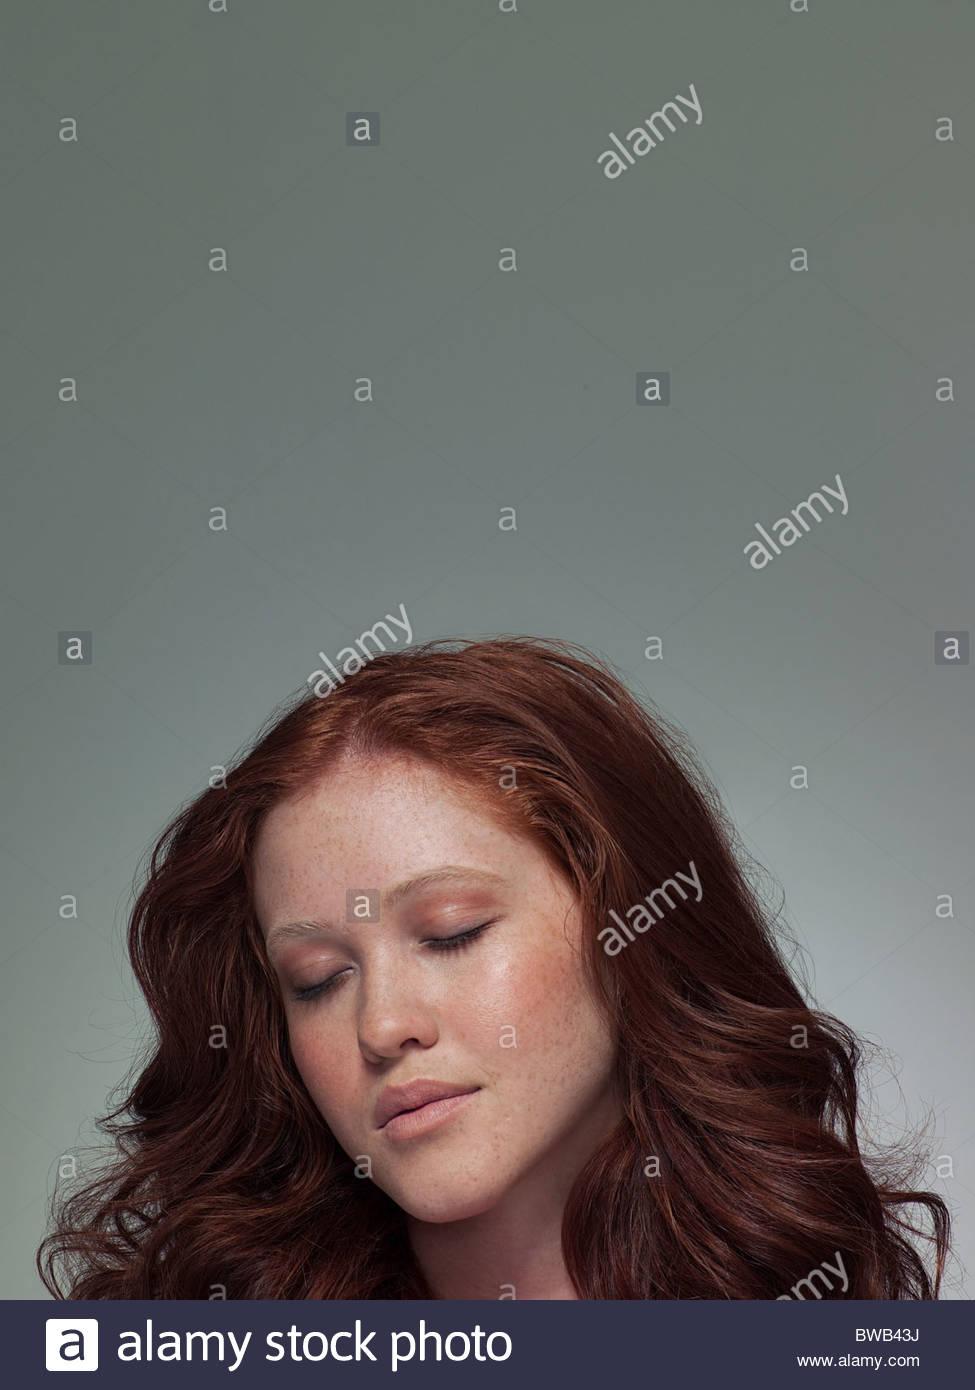 Kopfschuss jungen Frau mit Augen geschlossen, Porträt Stockbild